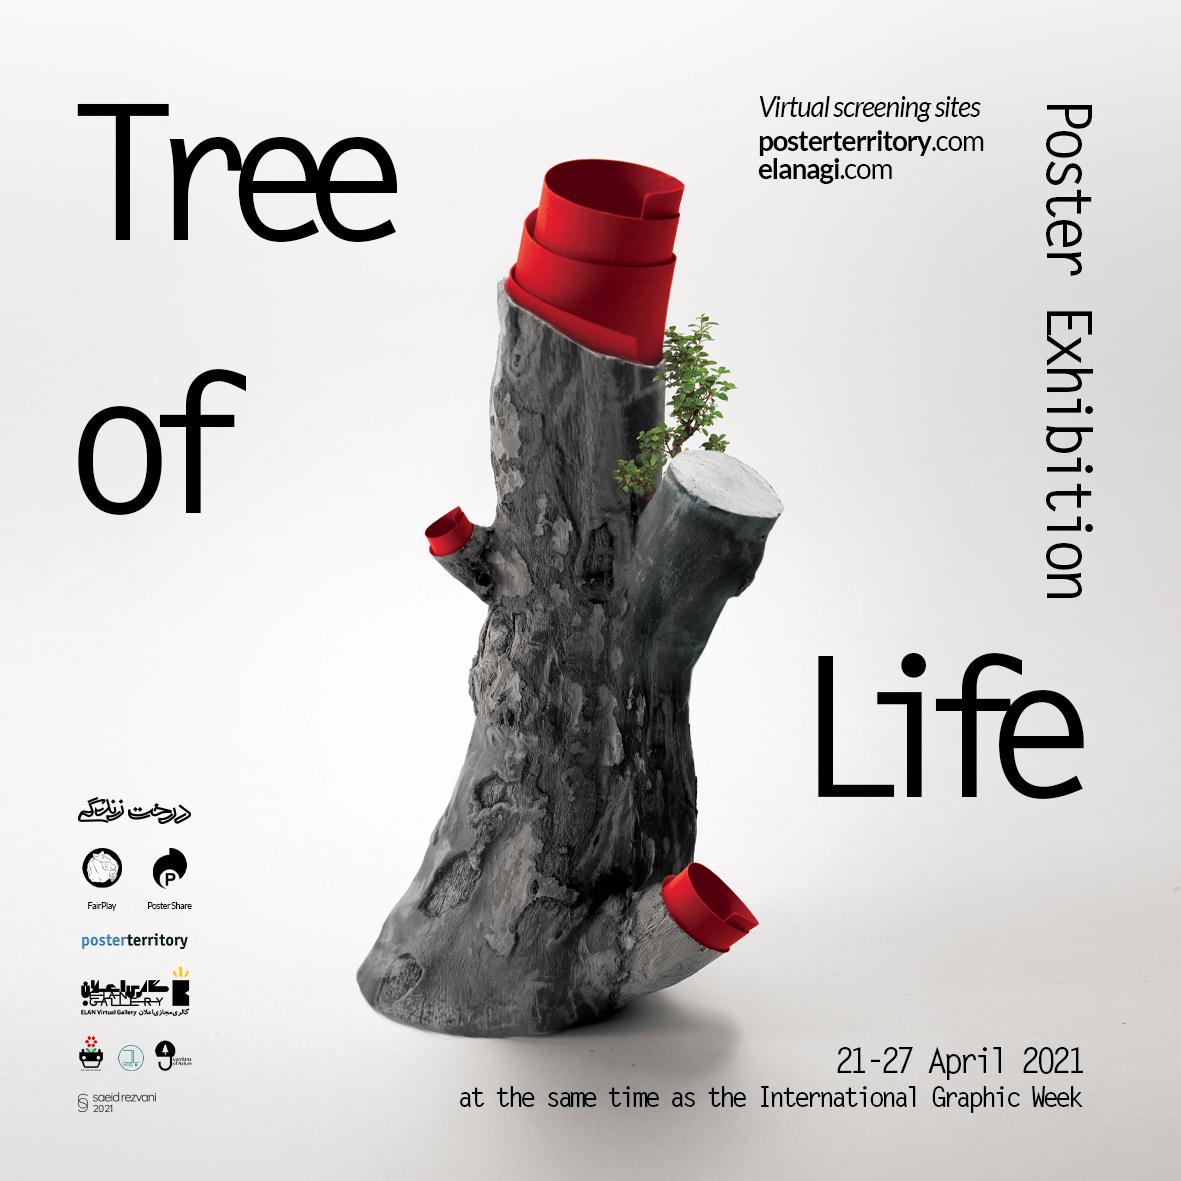 نمایشگاه دعوتی بین المللی پوستر درخت زندگی با محوریت محیط زیست